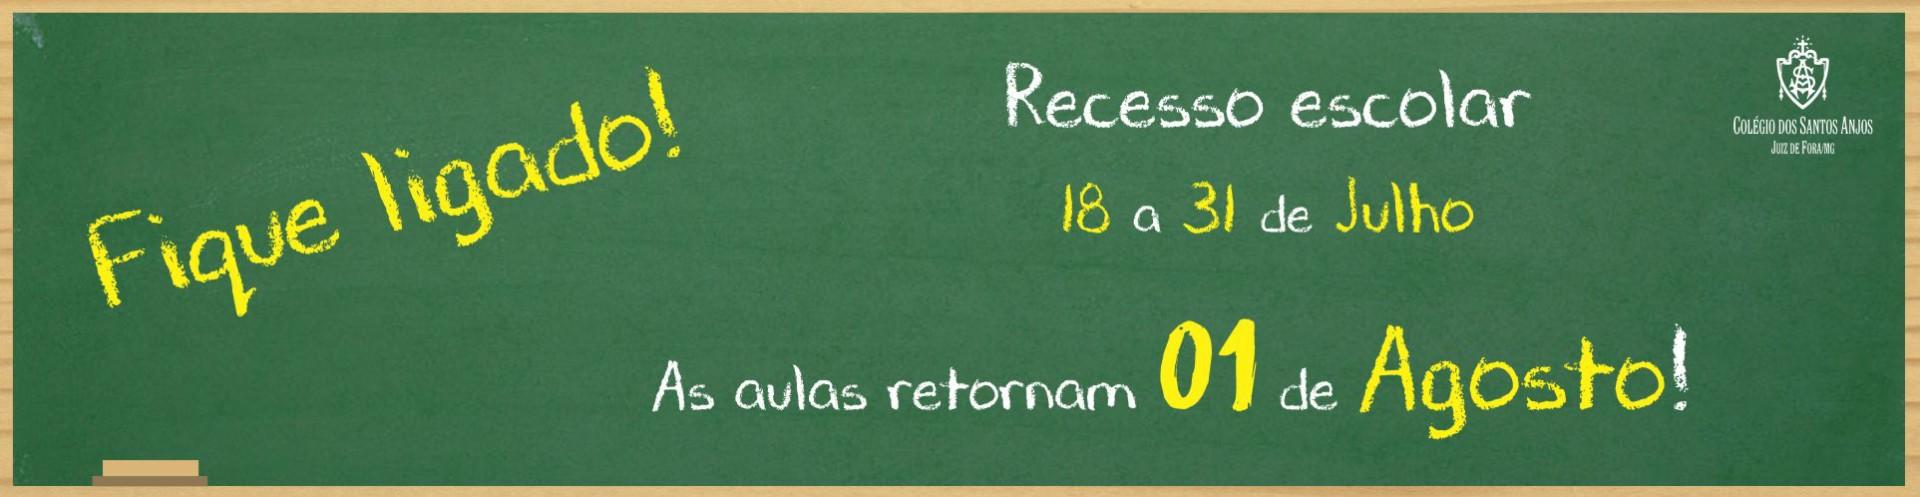 20160711_recesso_BANNER_aulas